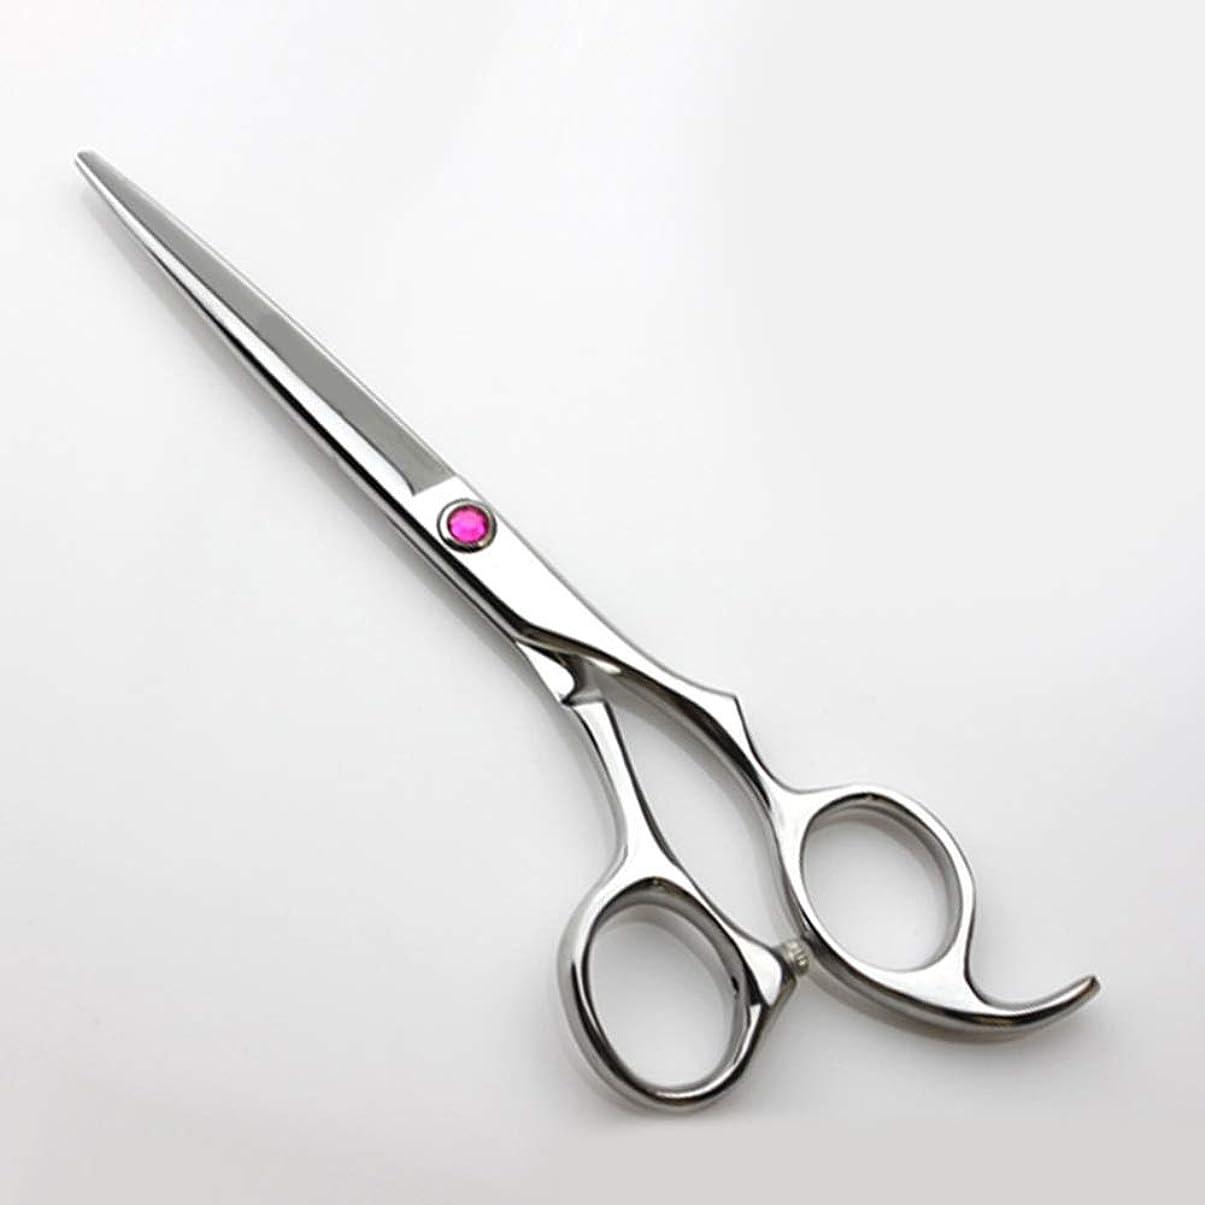 レジ大使館労働者理髪用はさみ 6インチ理髪はさみプロの理髪ツール、フラット+歯はさみレッドダイヤモンドデコレーションヘアカットシザーステンレス理髪はさみ (色 : Silver)